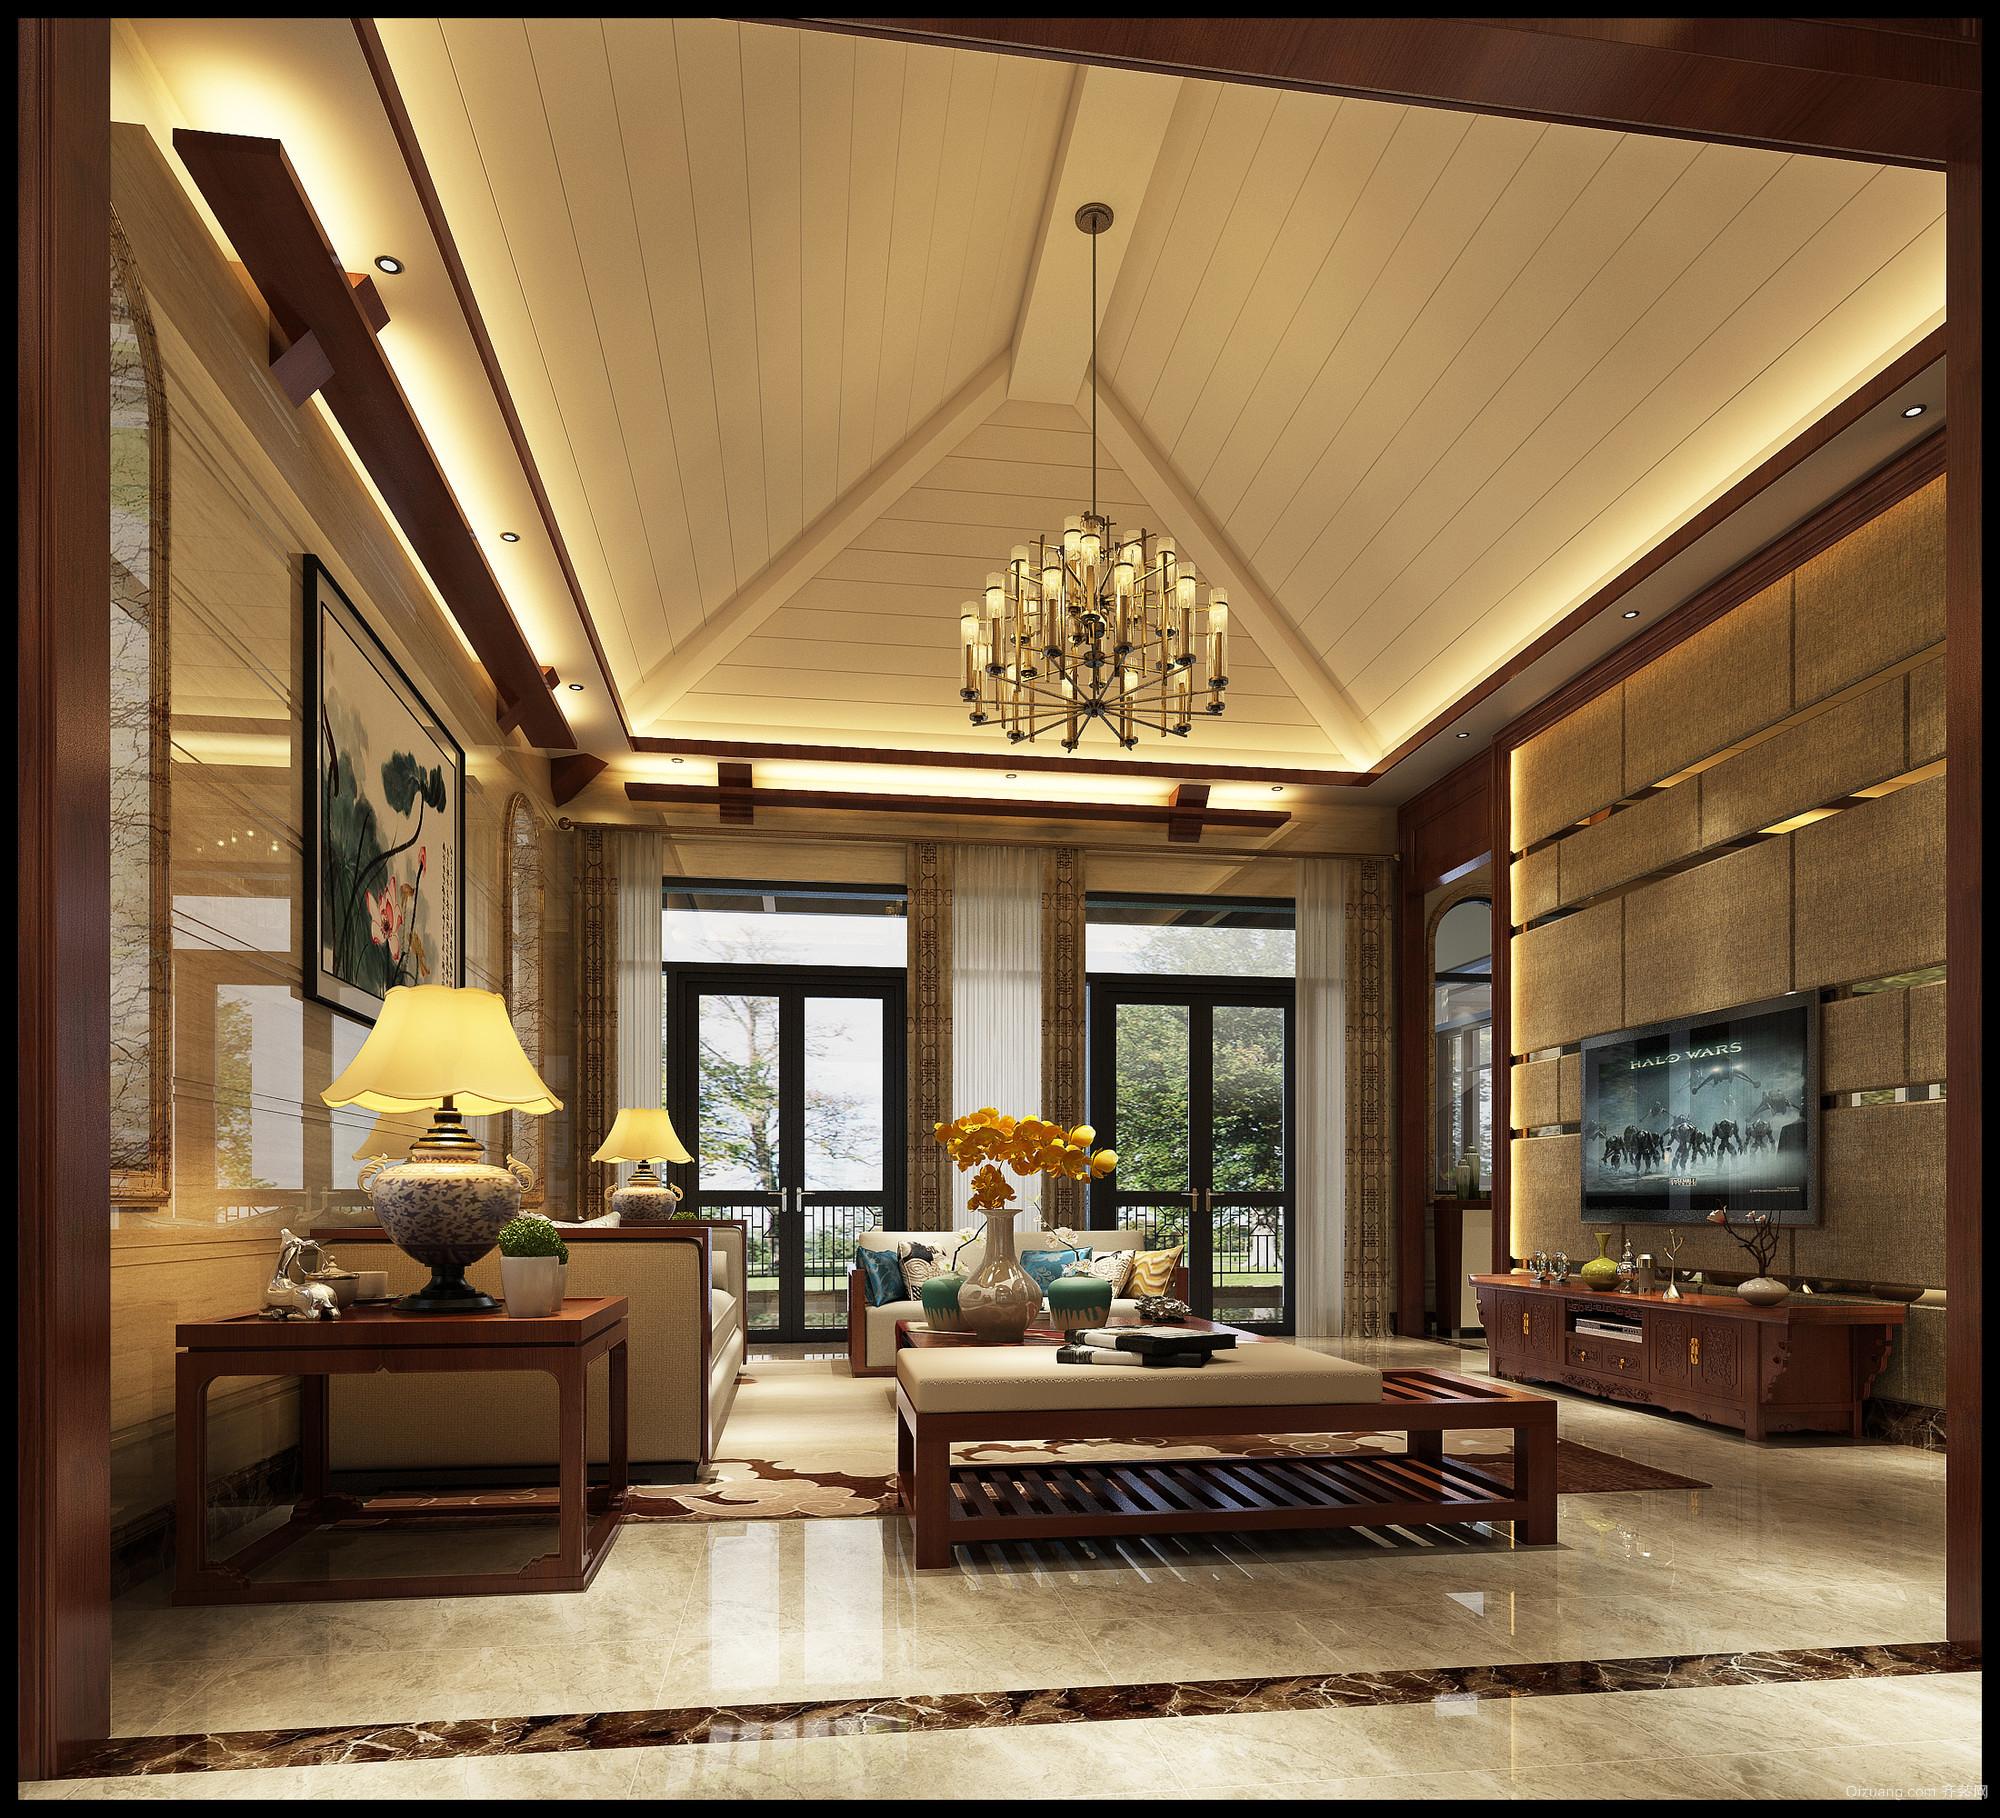 广佛新世界庄园中式风格装修效果图实景图